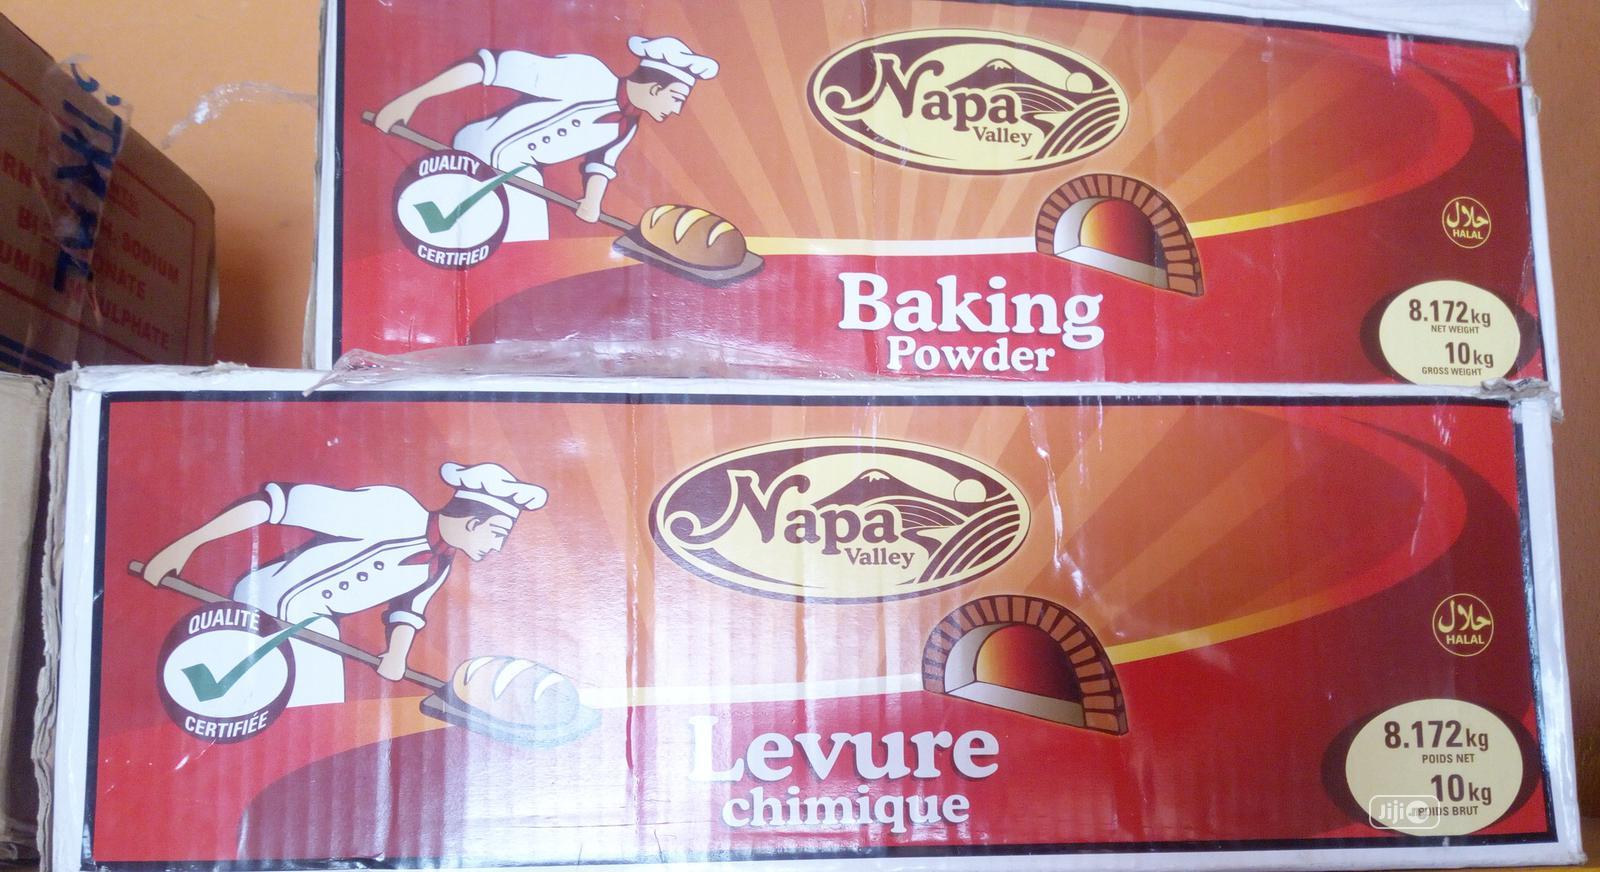 Napa Valley Baking Powder